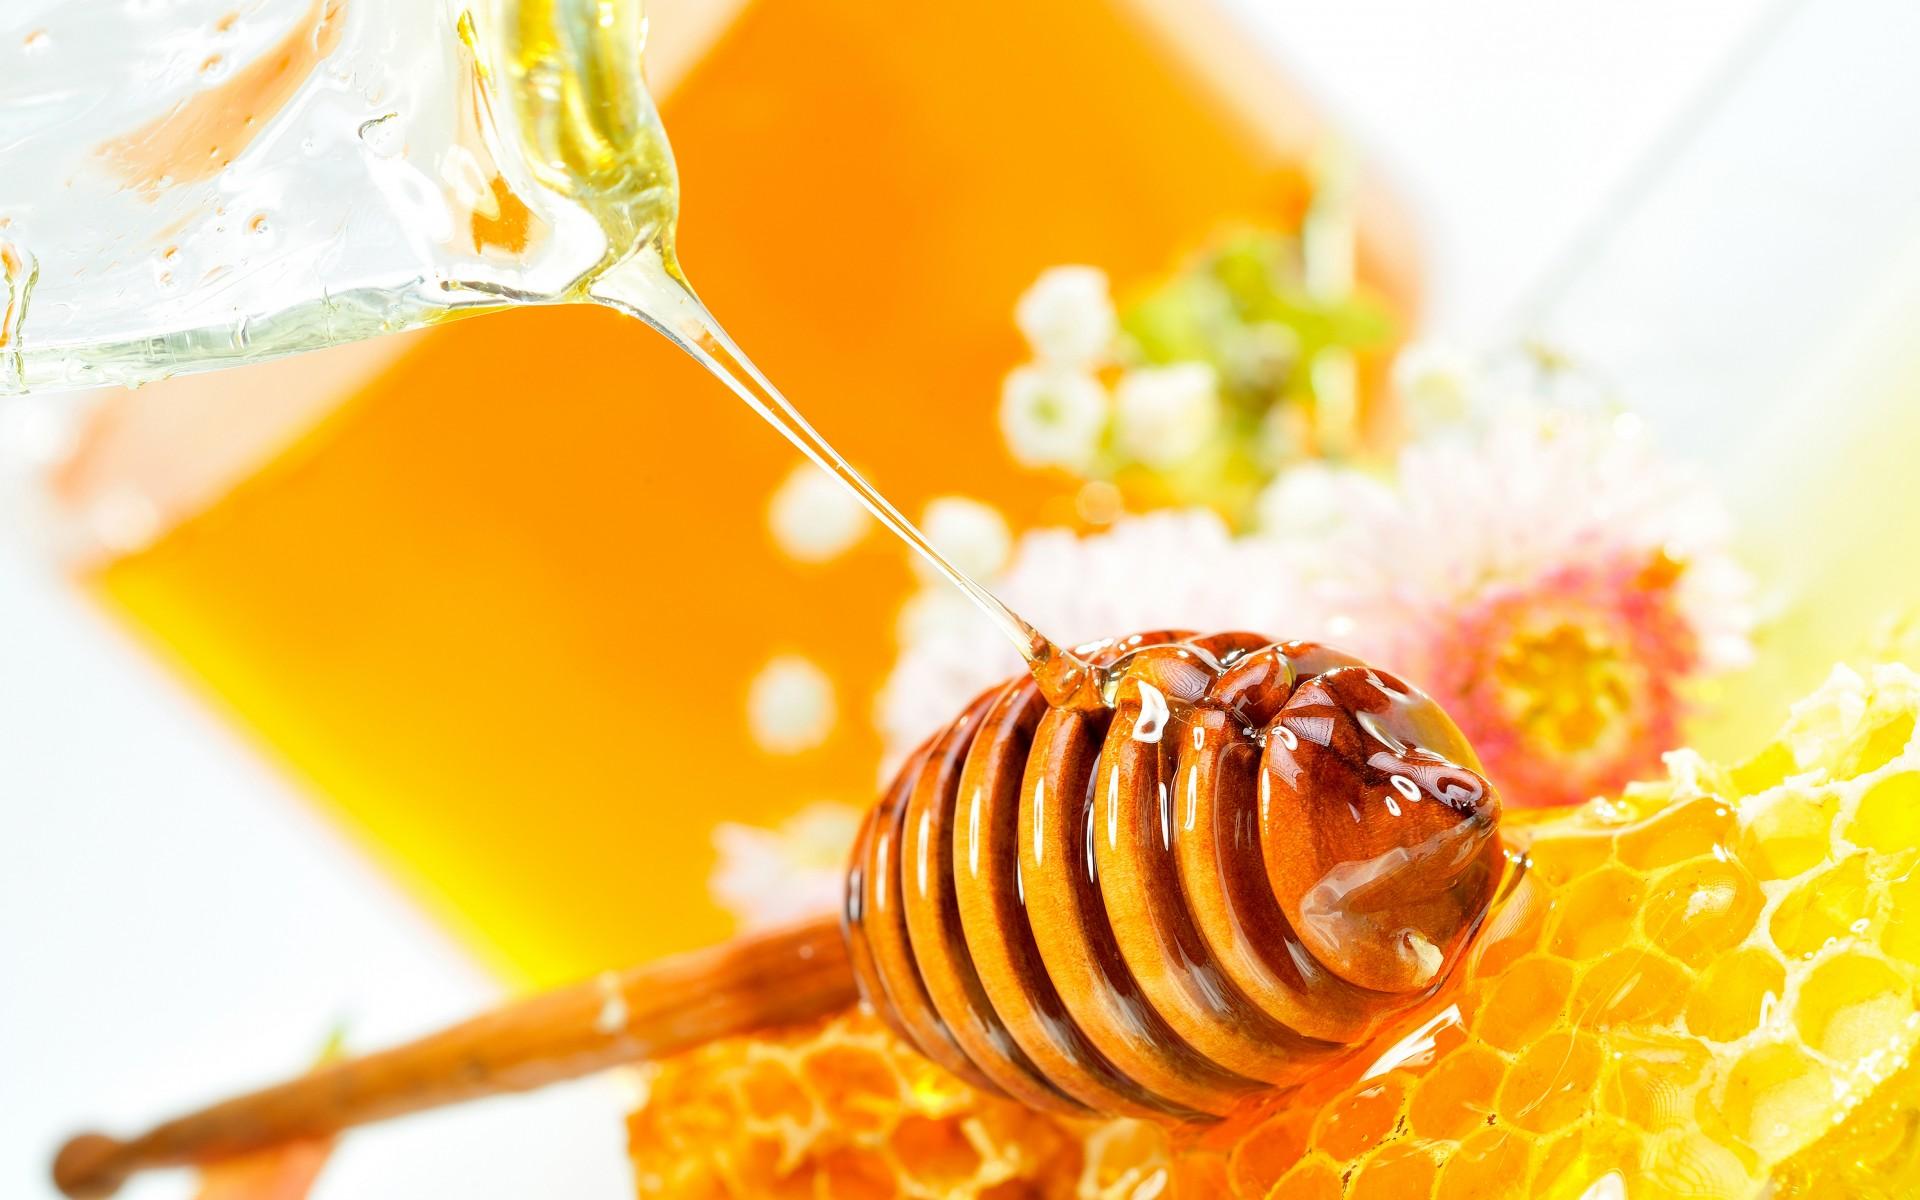 Mật ong rừng có thể bị đóng đường không 1